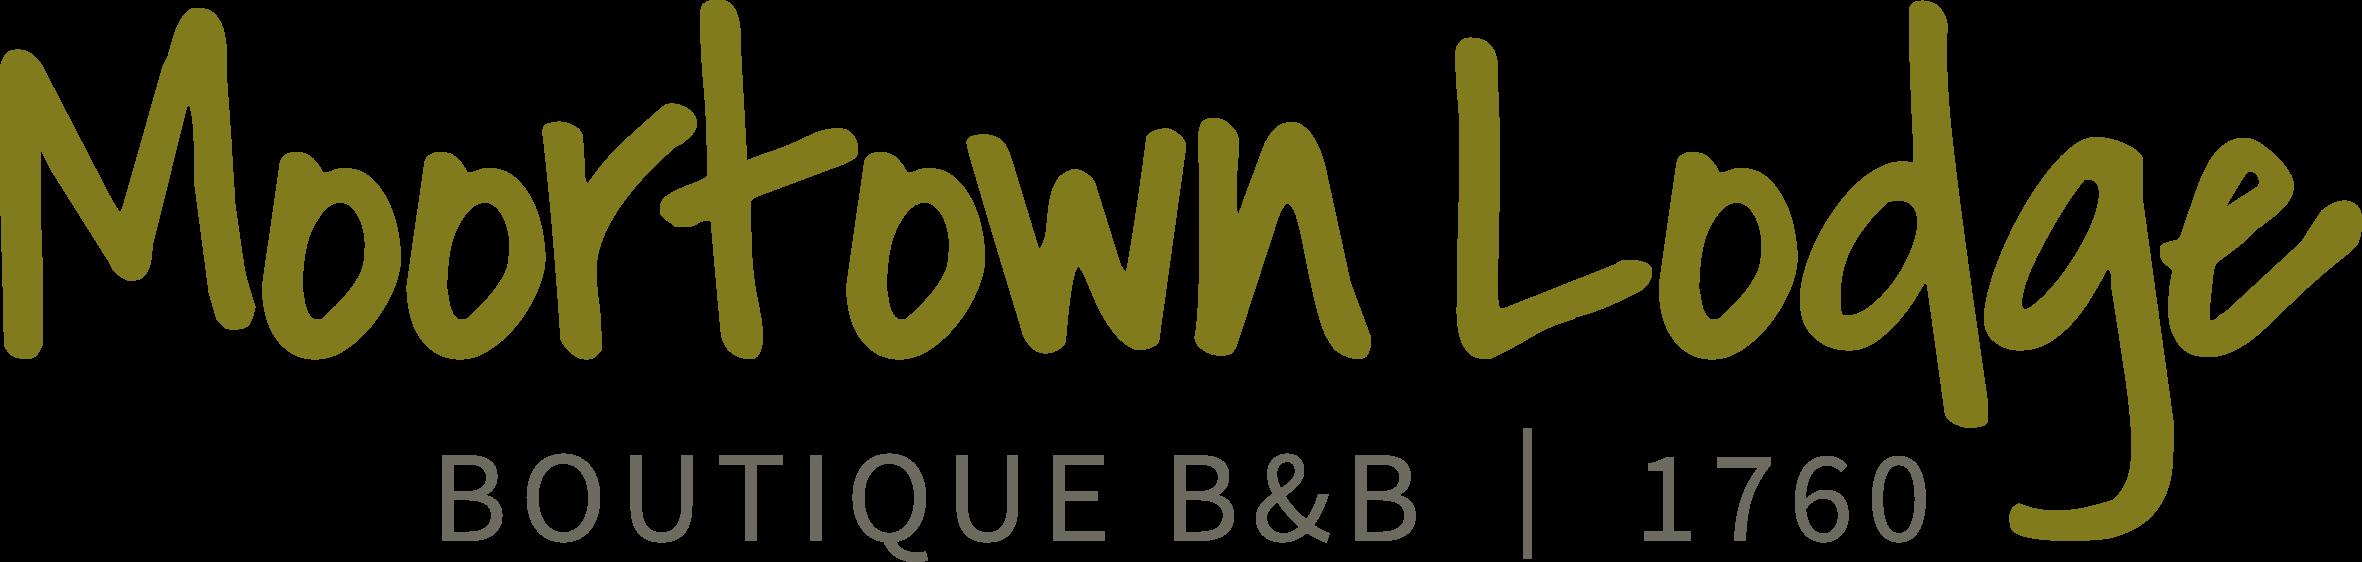 Logo of Moortown Lodge B&B